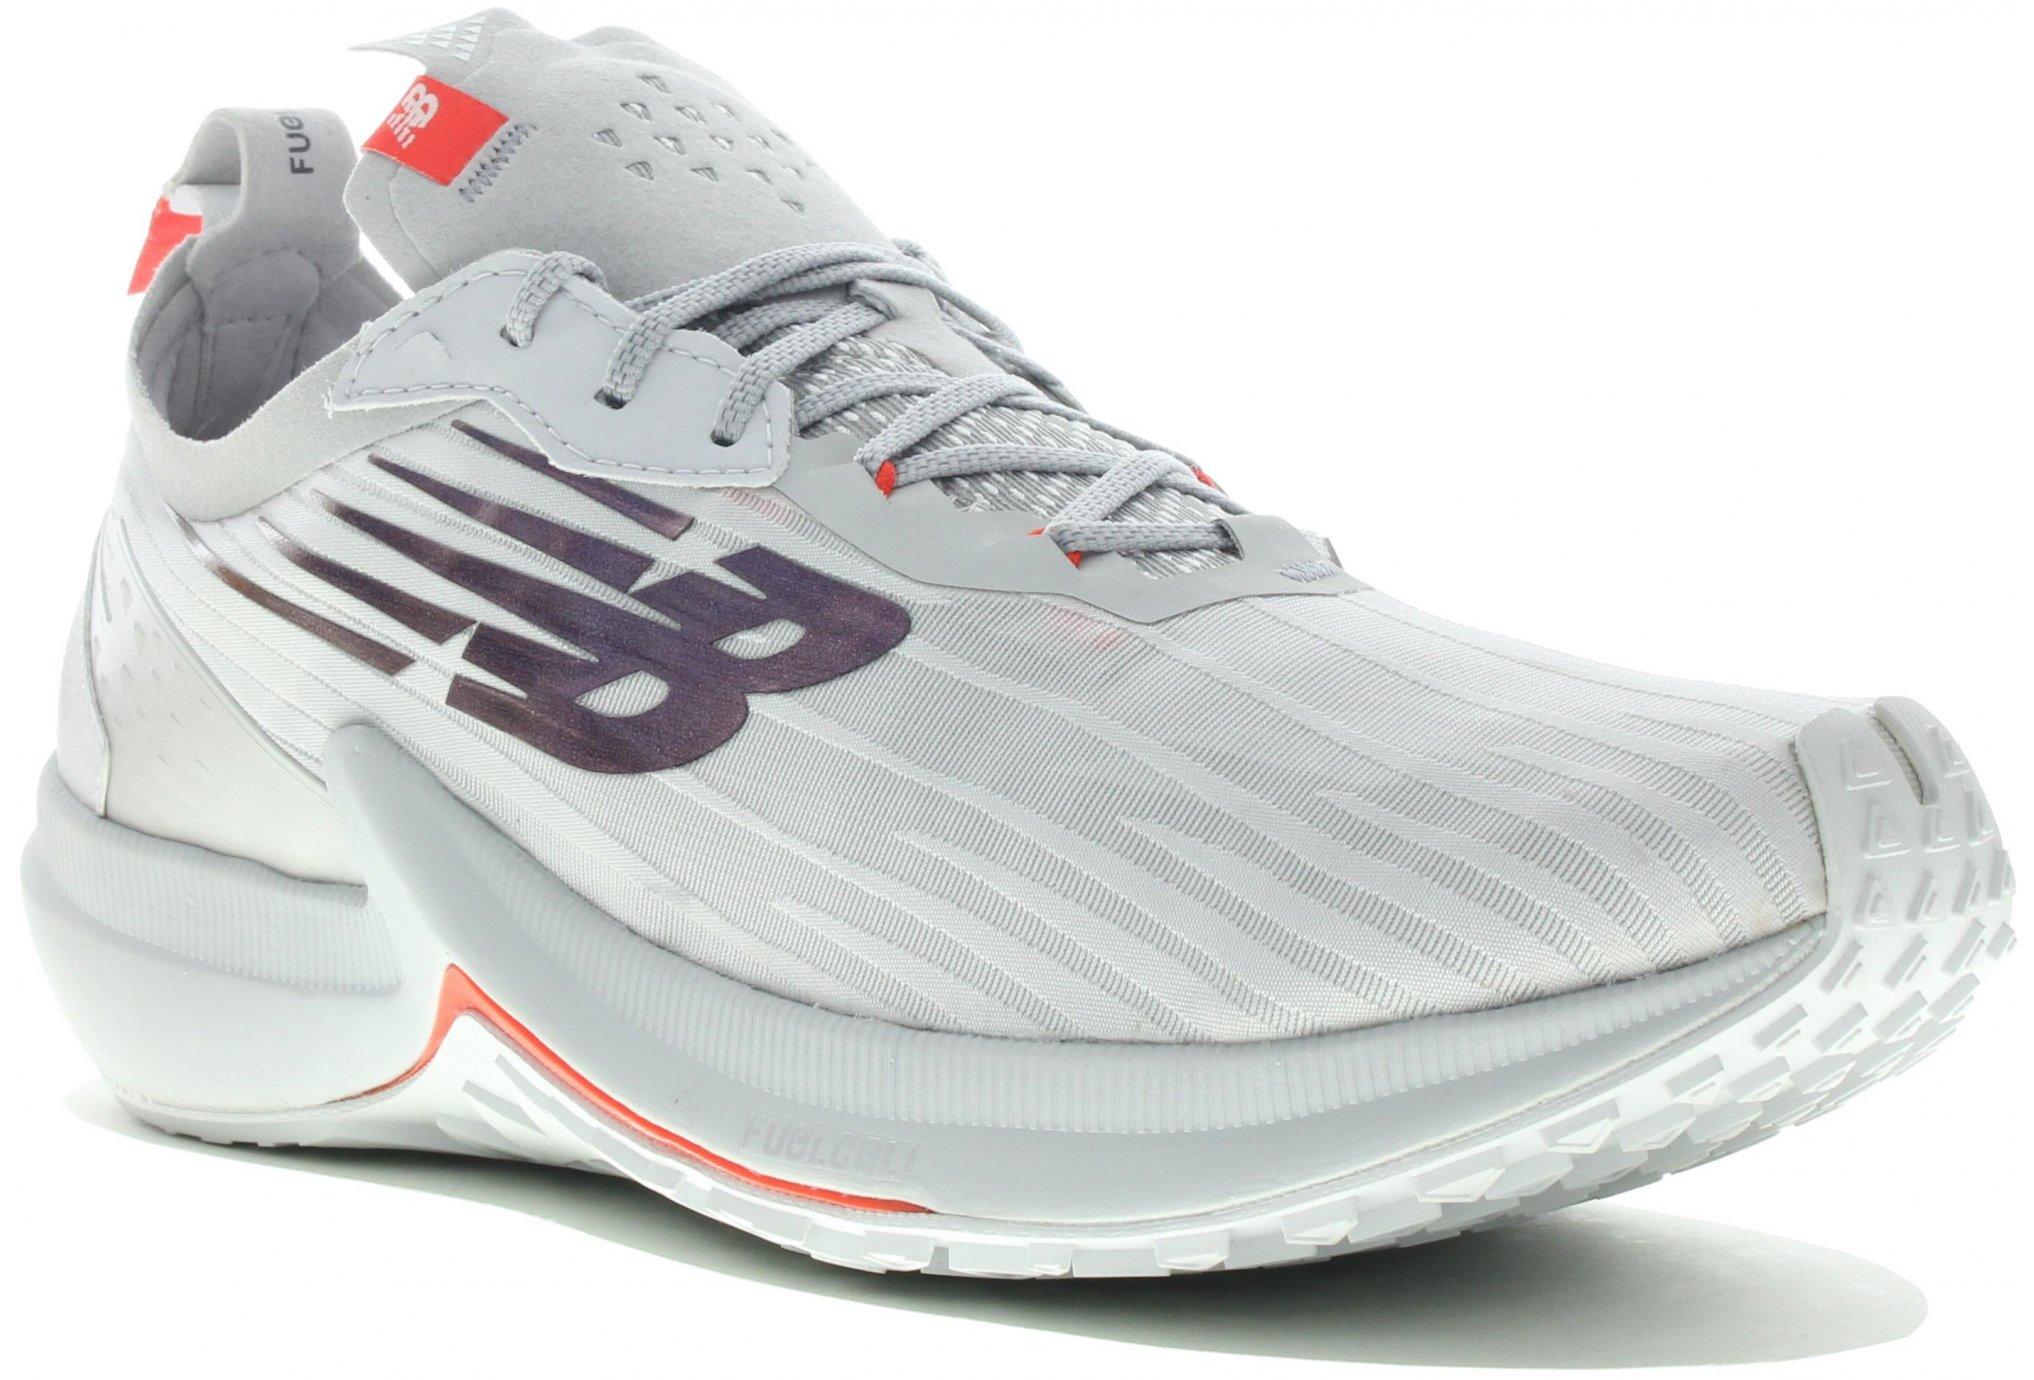 New Balance FuelCell Speedrift M Chaussures homme